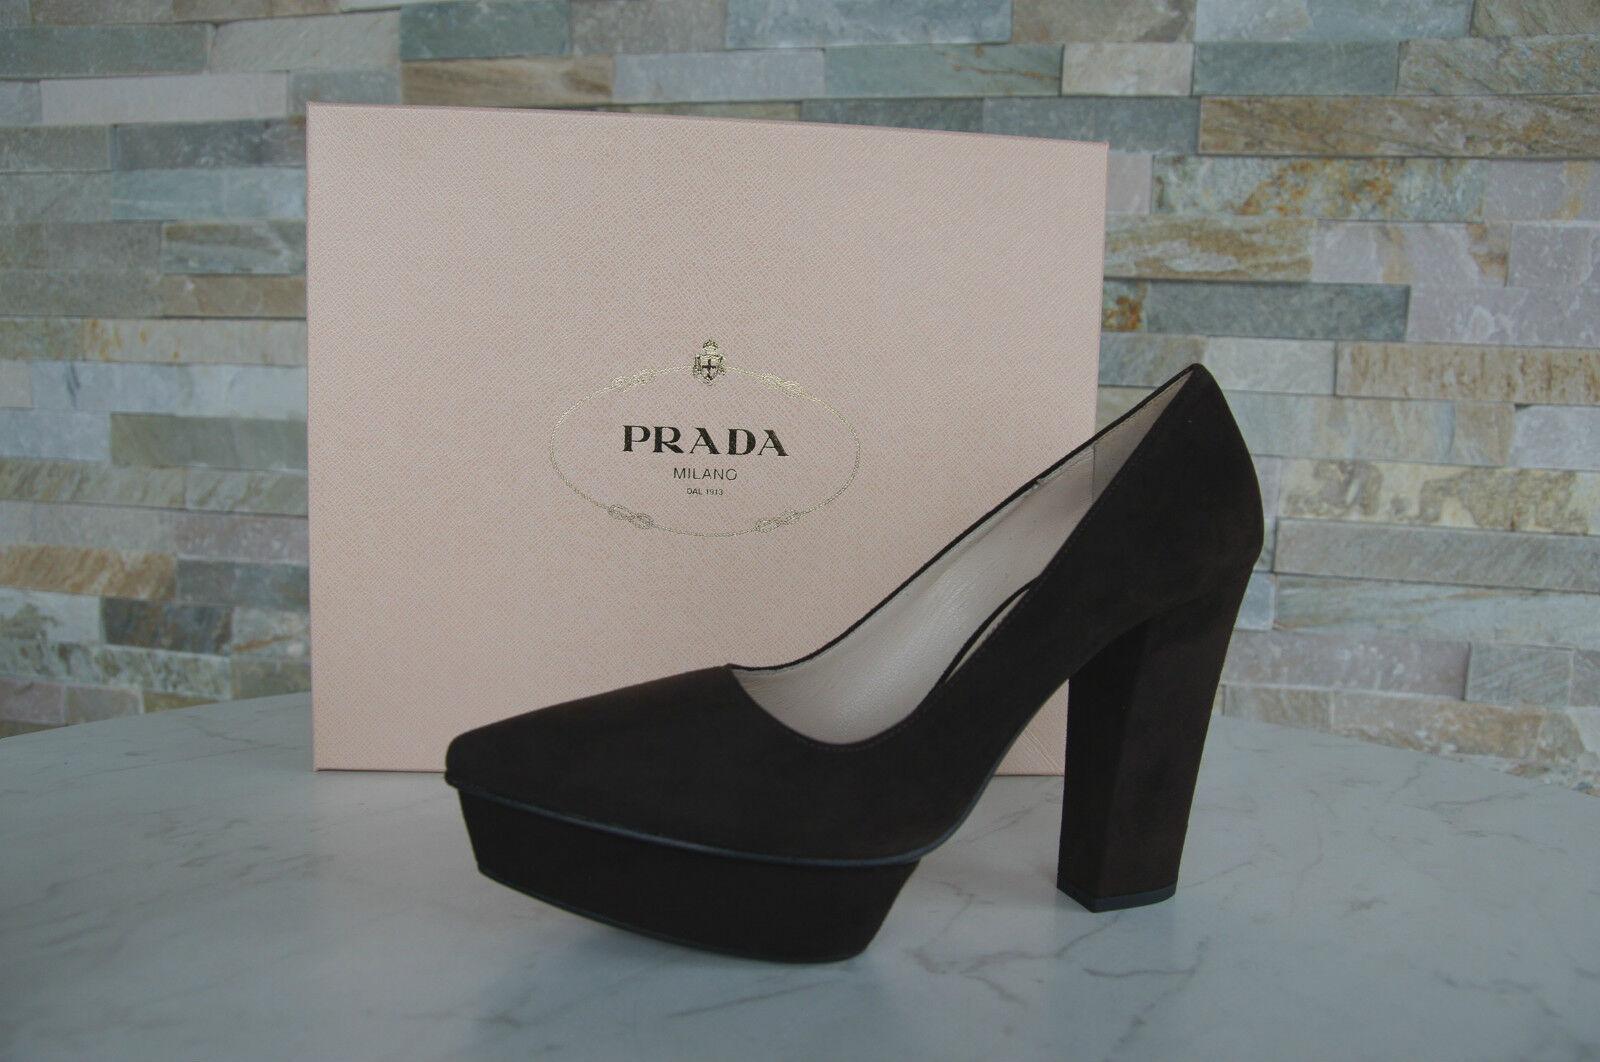 Luxury PRADA  Dimensione 36,5 Pump Platform Heels 1ip257 scarpe Marronee NUOVO  scelte con prezzo basso